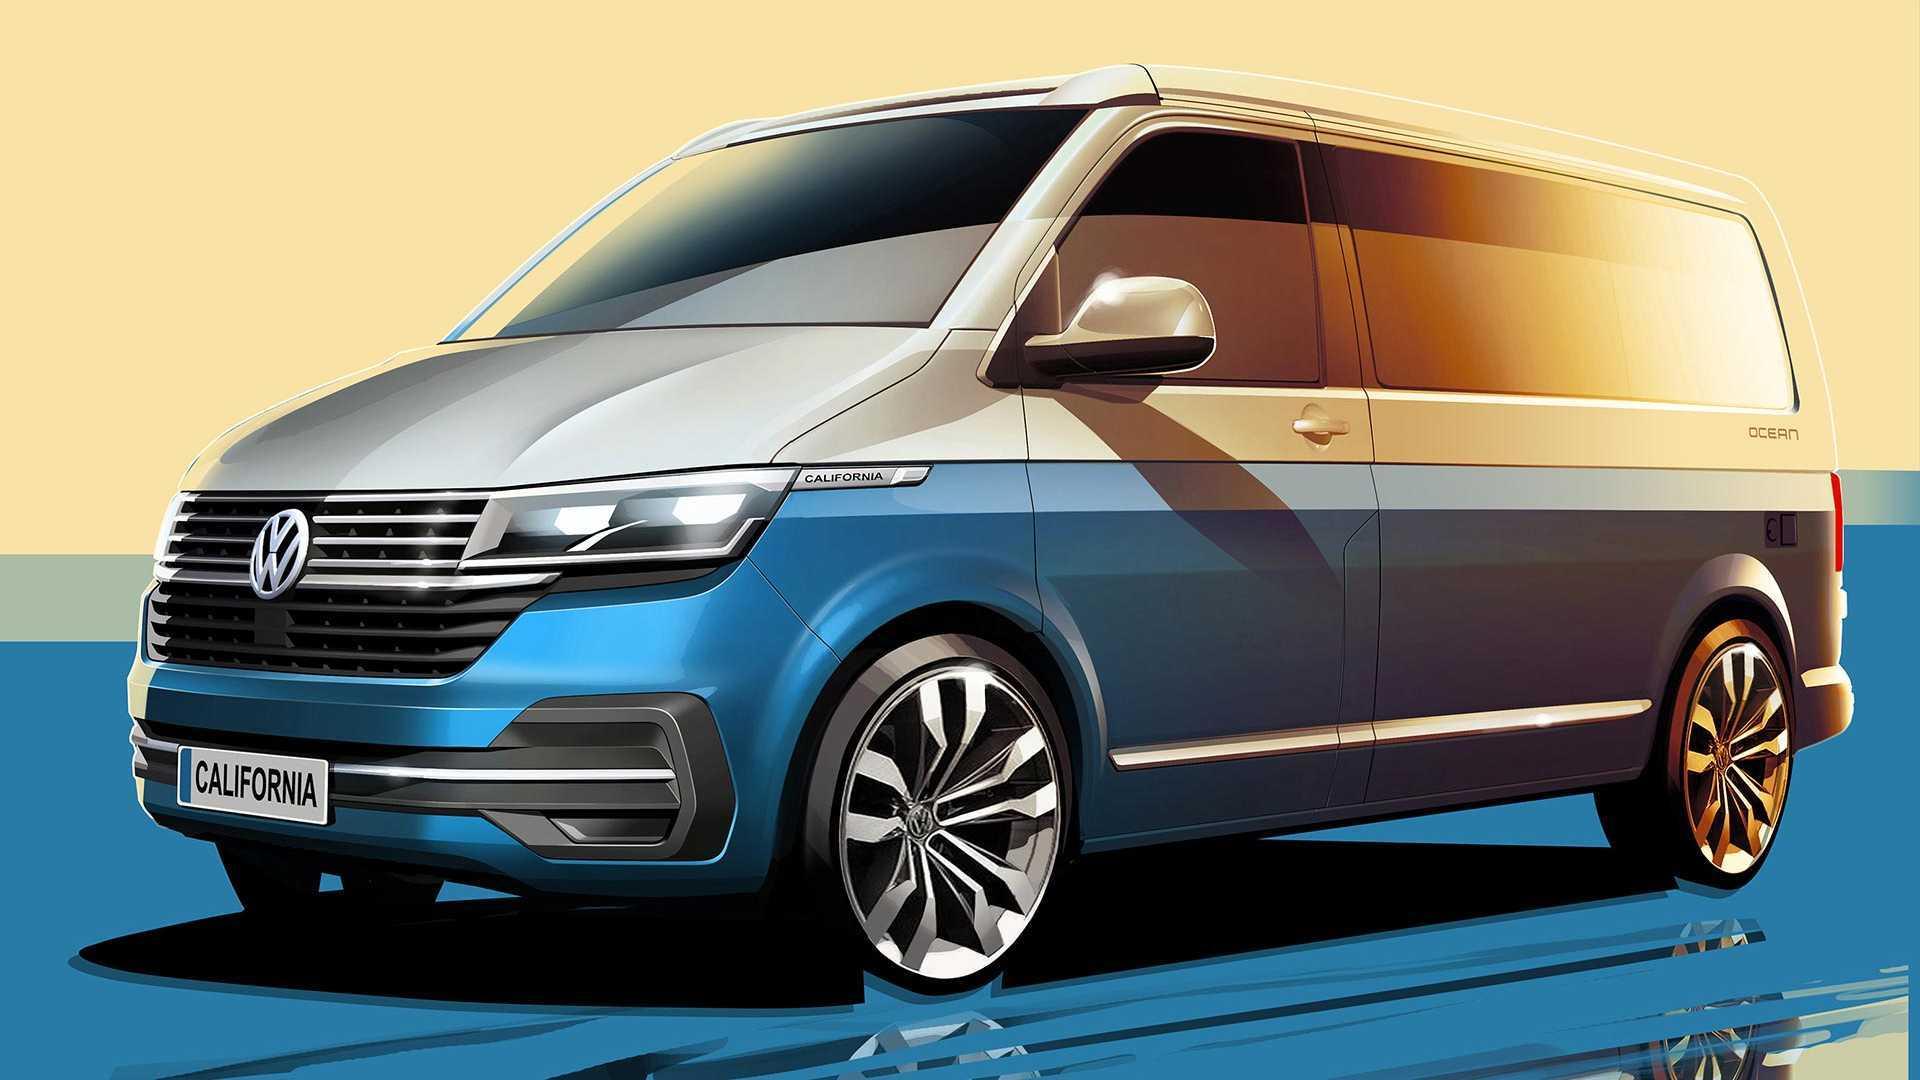 Кемпер VW Transporter California 6.1 дразнит много нового